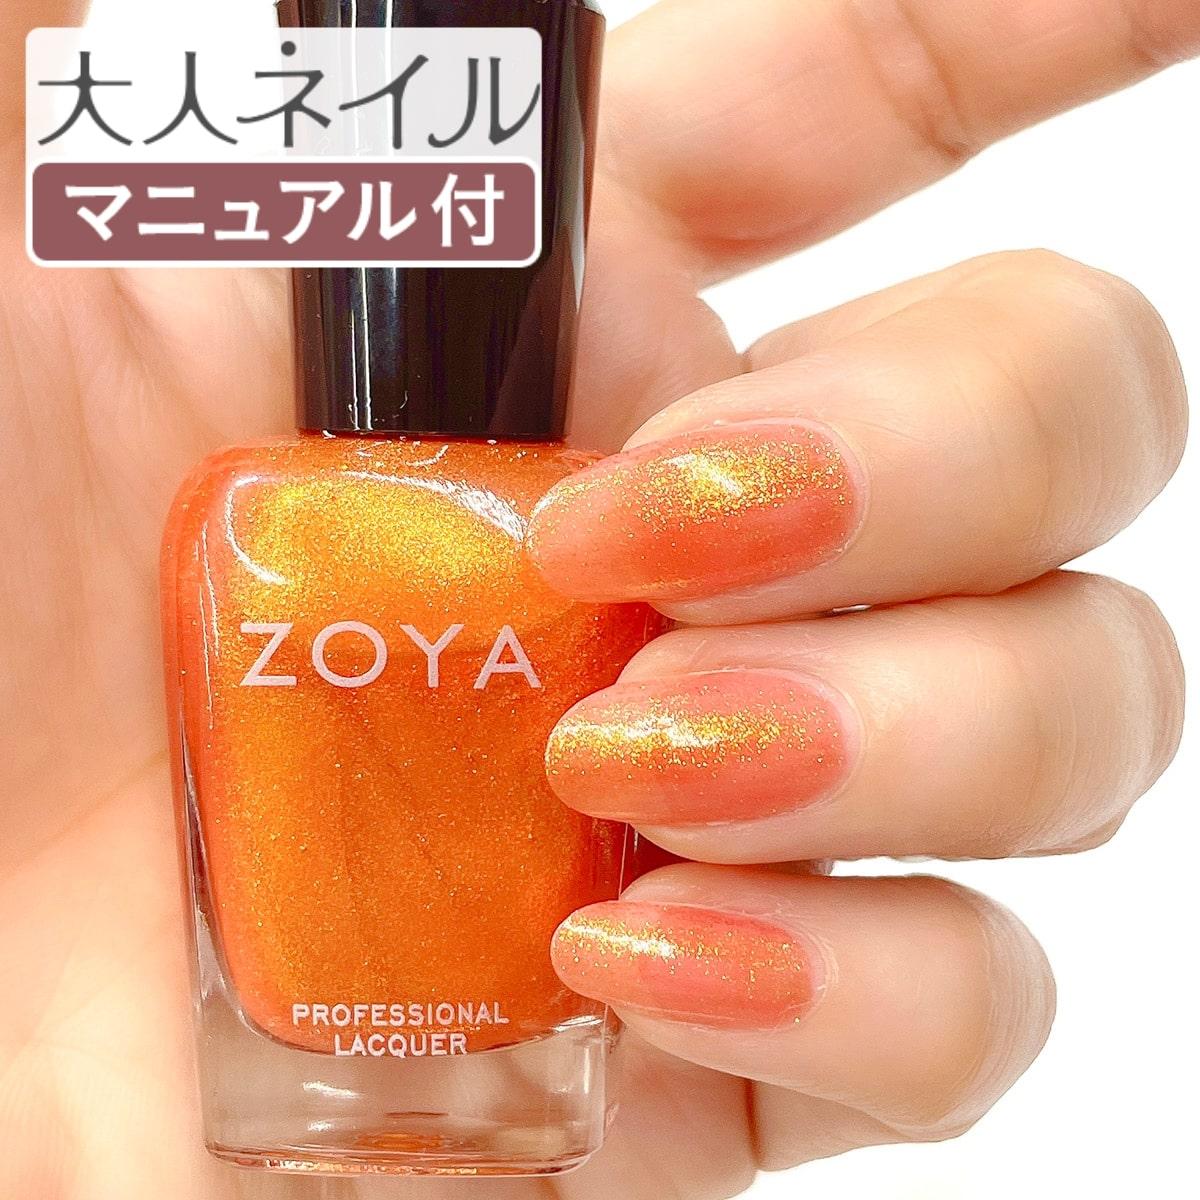 ZOYA ゾーヤ ゾヤ ネイルカラー zp670 15mL AMY アミィ  自爪 の為に作られた ネイル にやさしい 自然派 マニキュア zoya セルフネイル にもおすすめ グリッター レッド オレンジ 夏ネイル 夏カラー